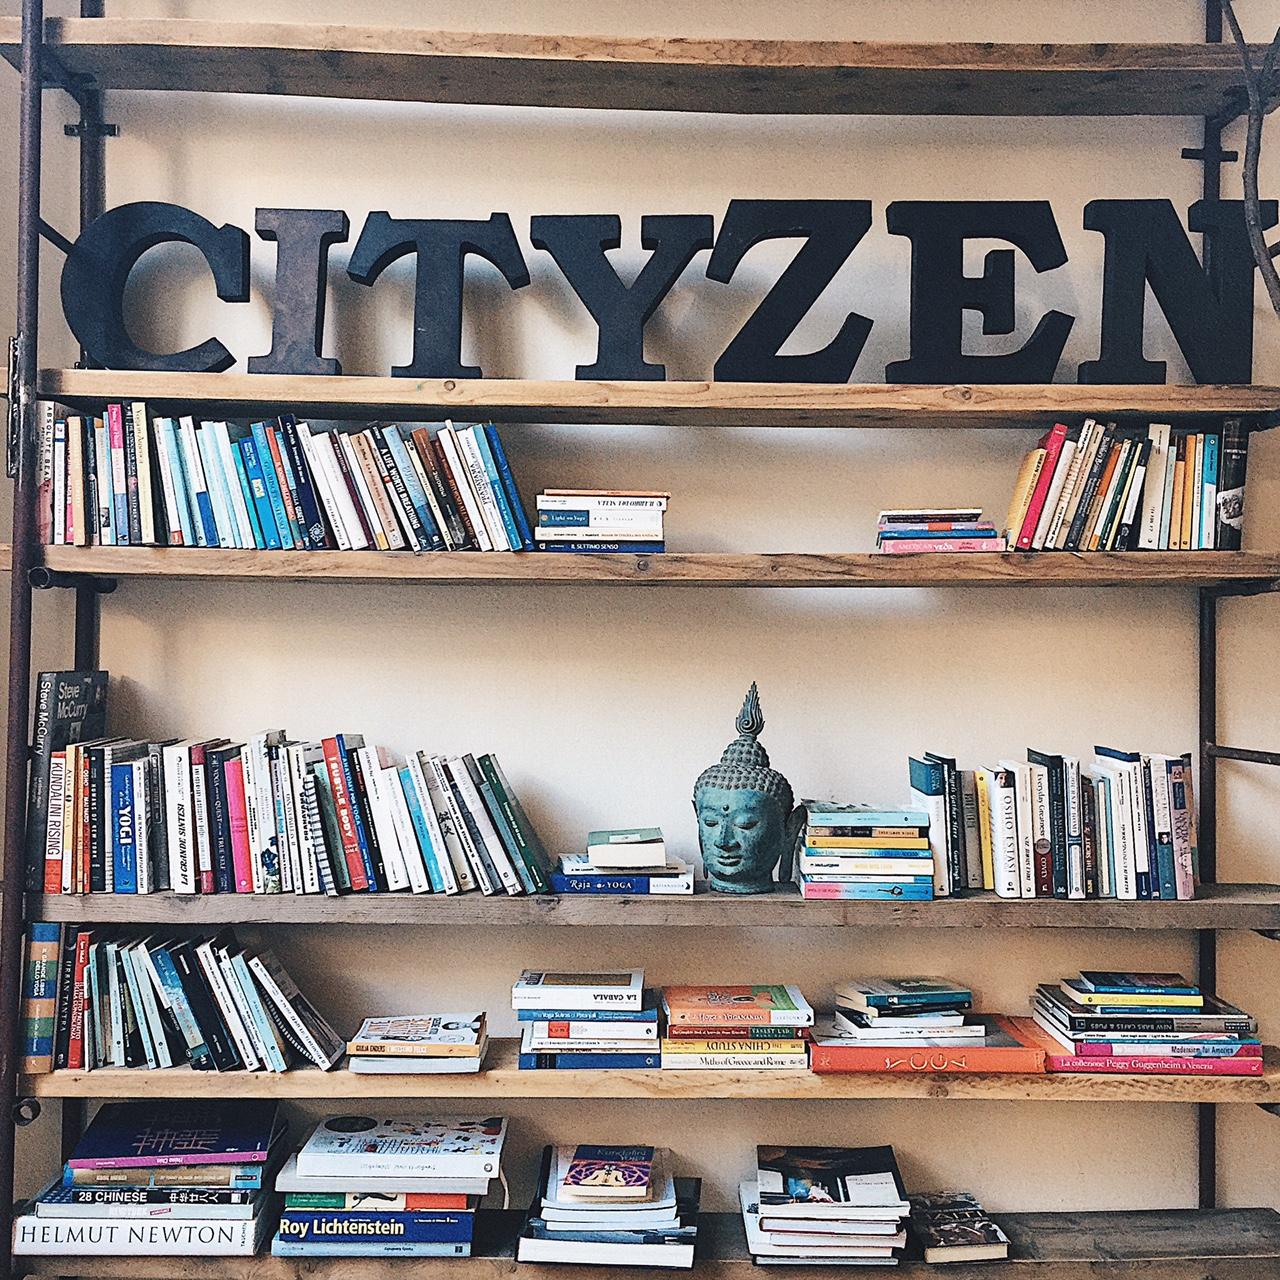 I 5 migliori centri yoga di Milano - Cityzen - Milano - foto di tatianaberlaffa.com